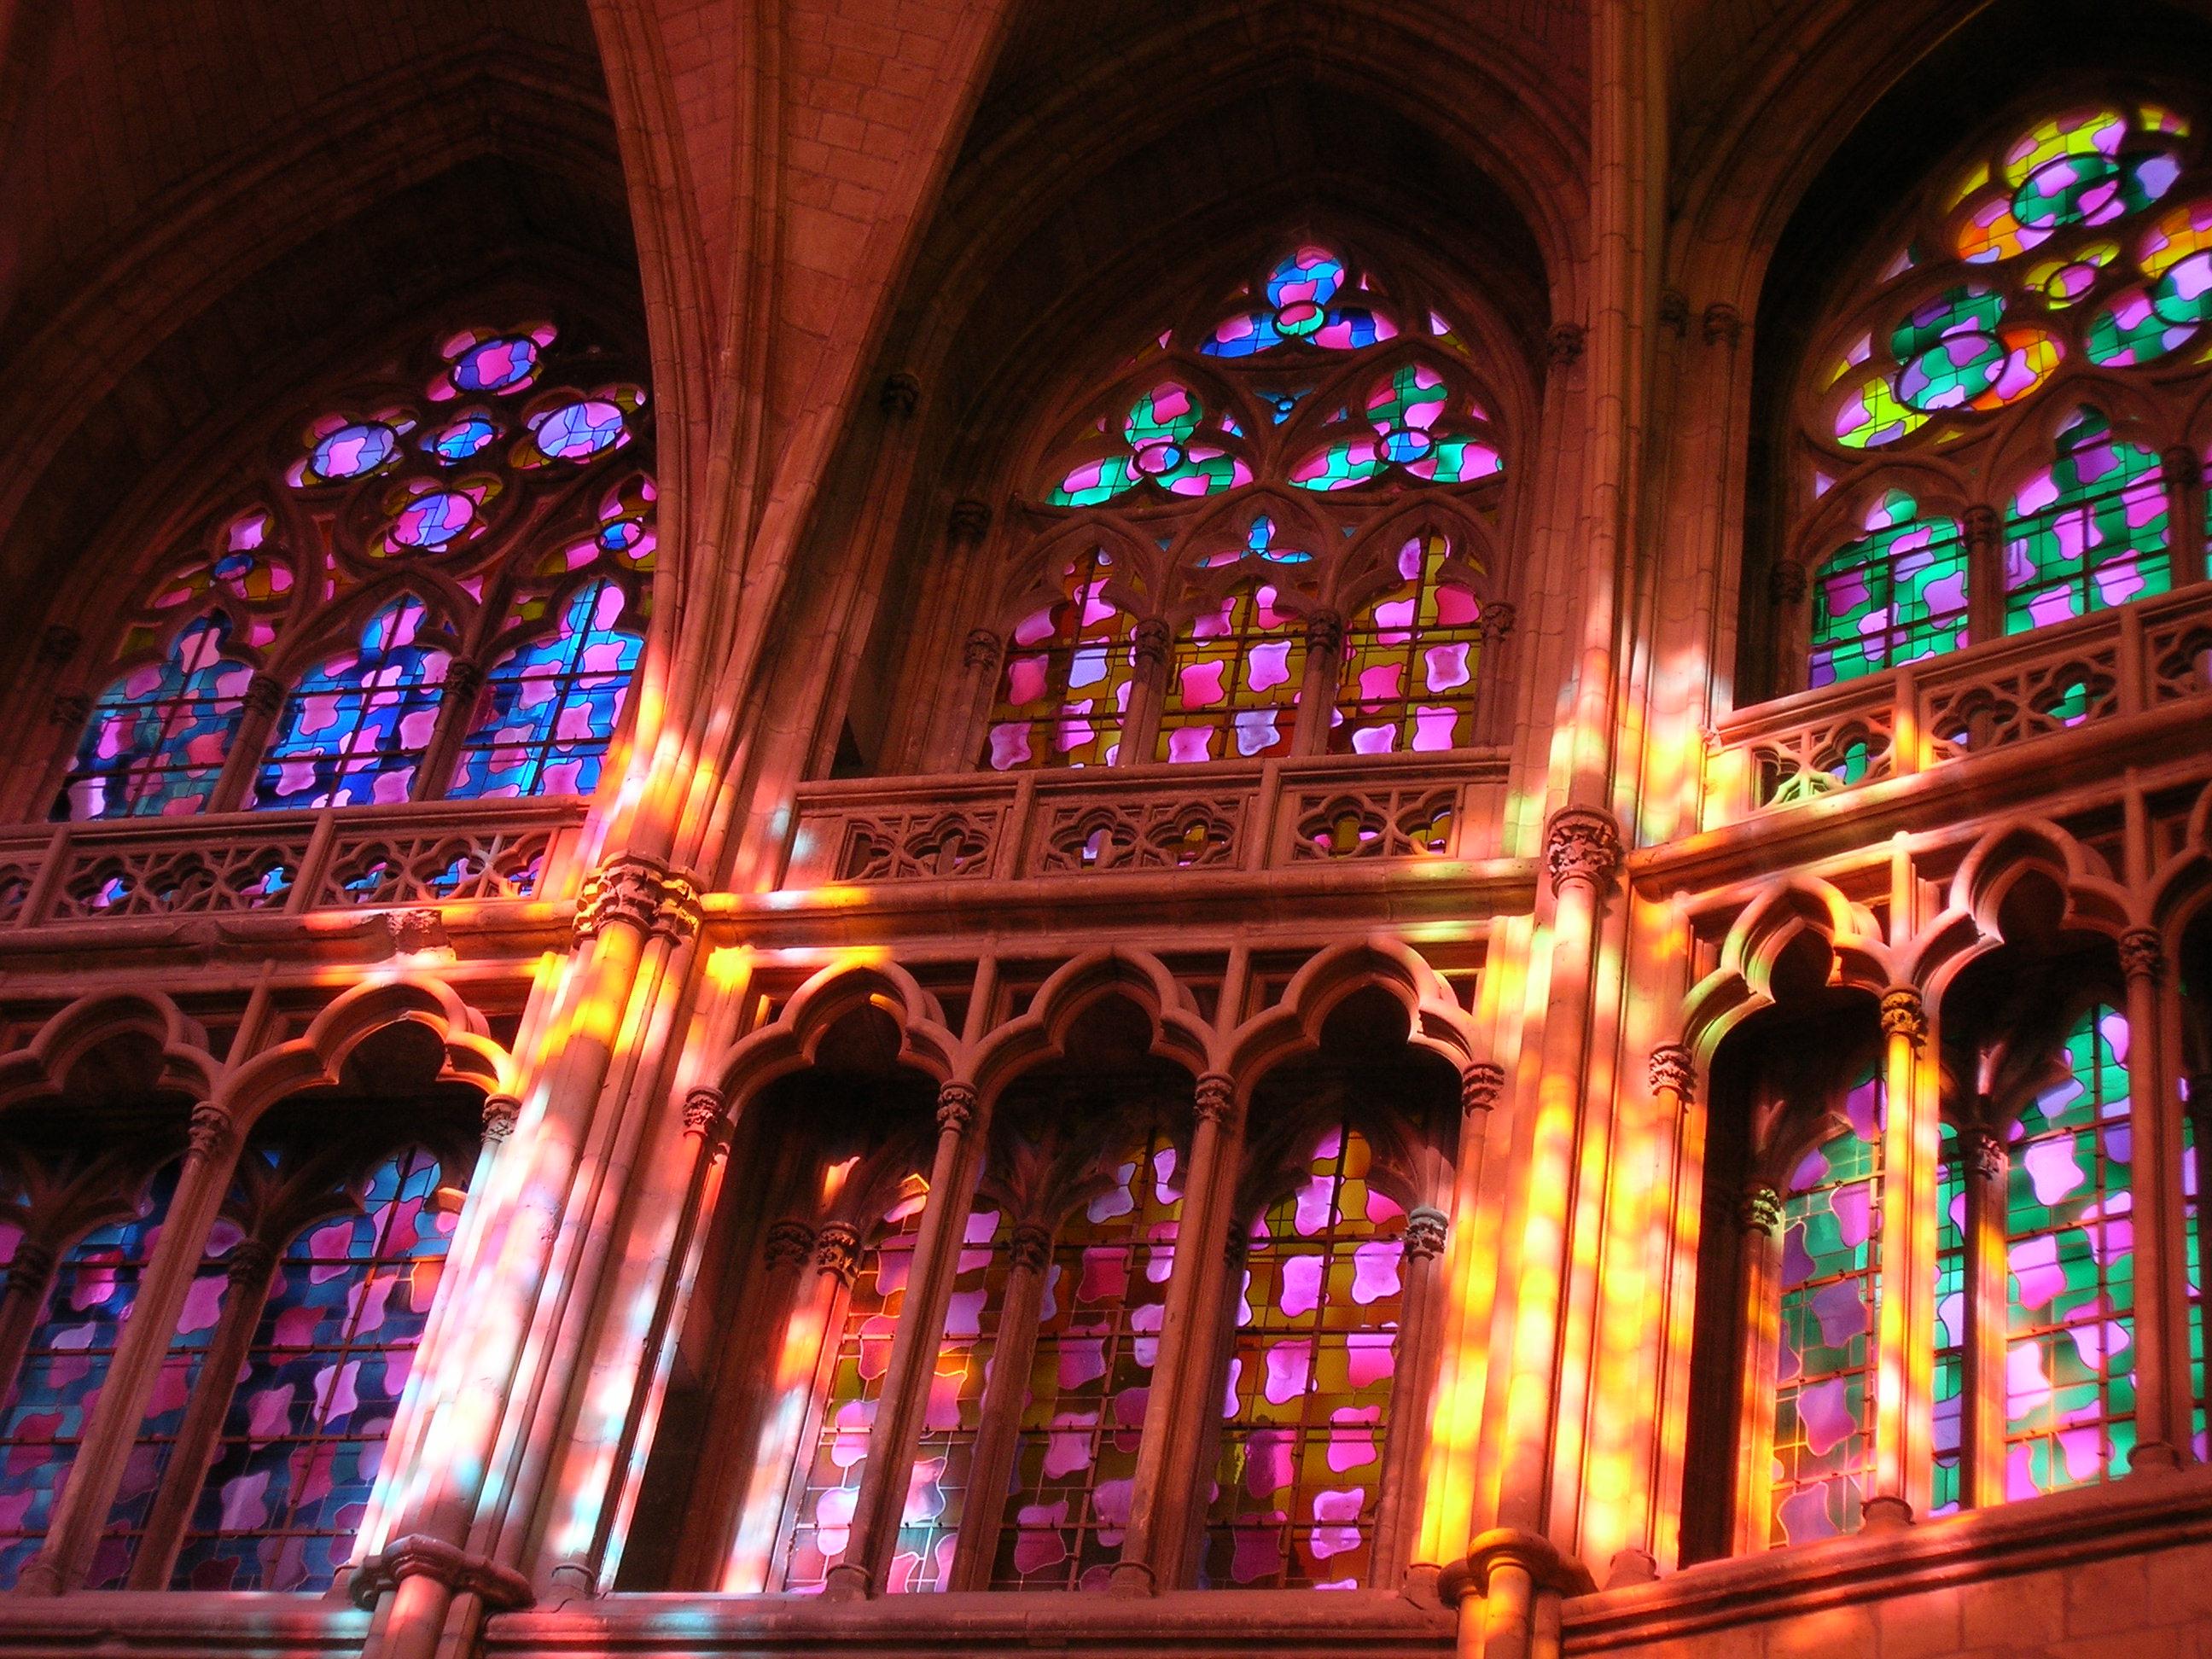 Nevers - Choeur gothique Claude Viallat (c) OTNR